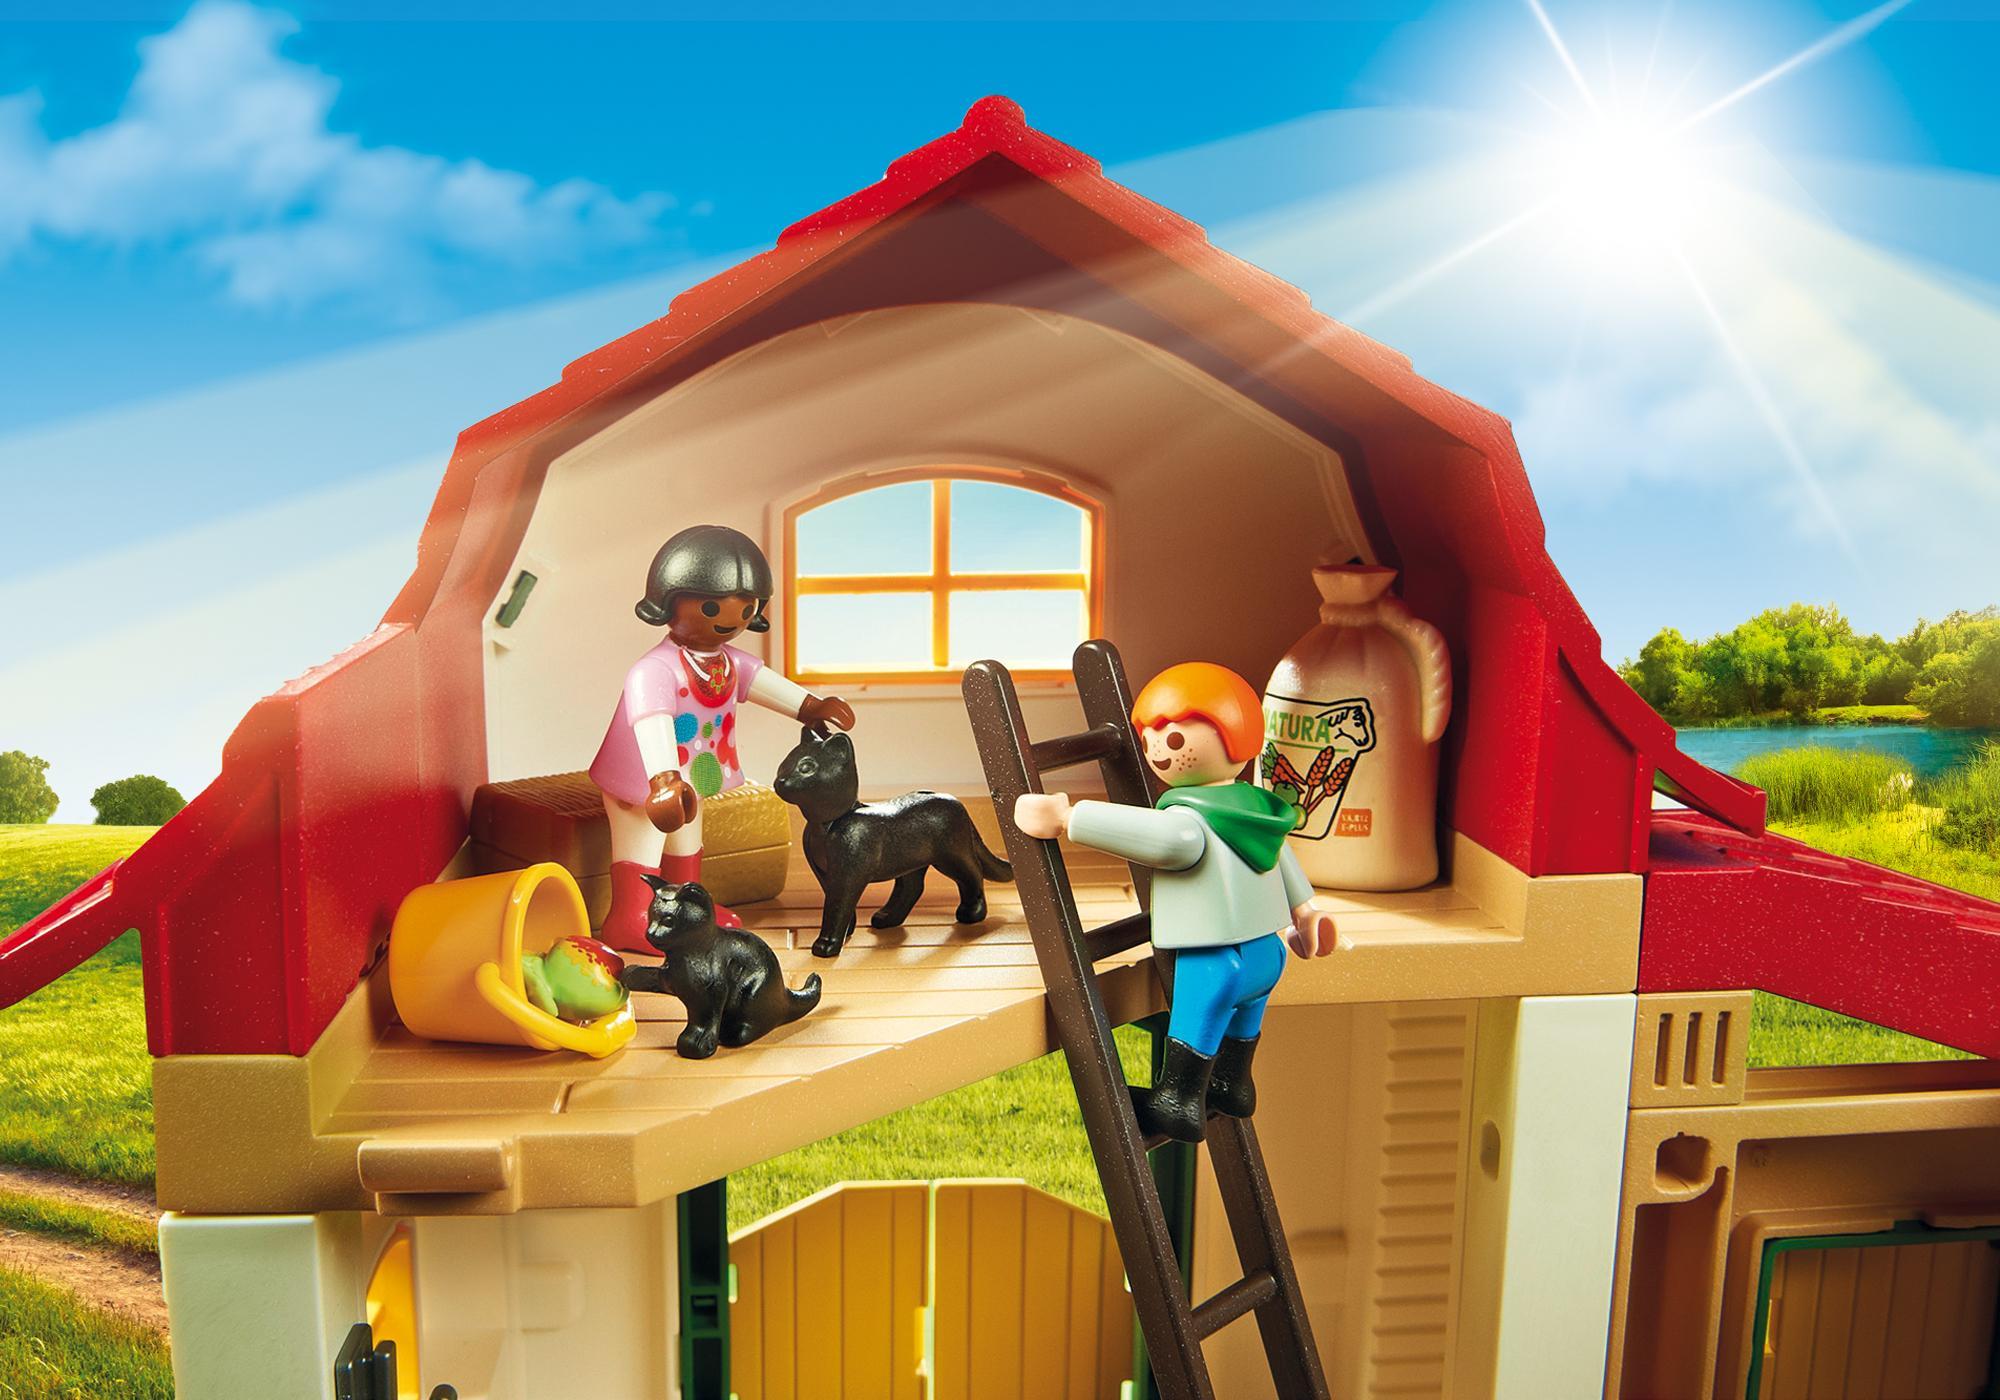 http://media.playmobil.com/i/playmobil/6927_product_extra1/Φάρμα των πόνυ